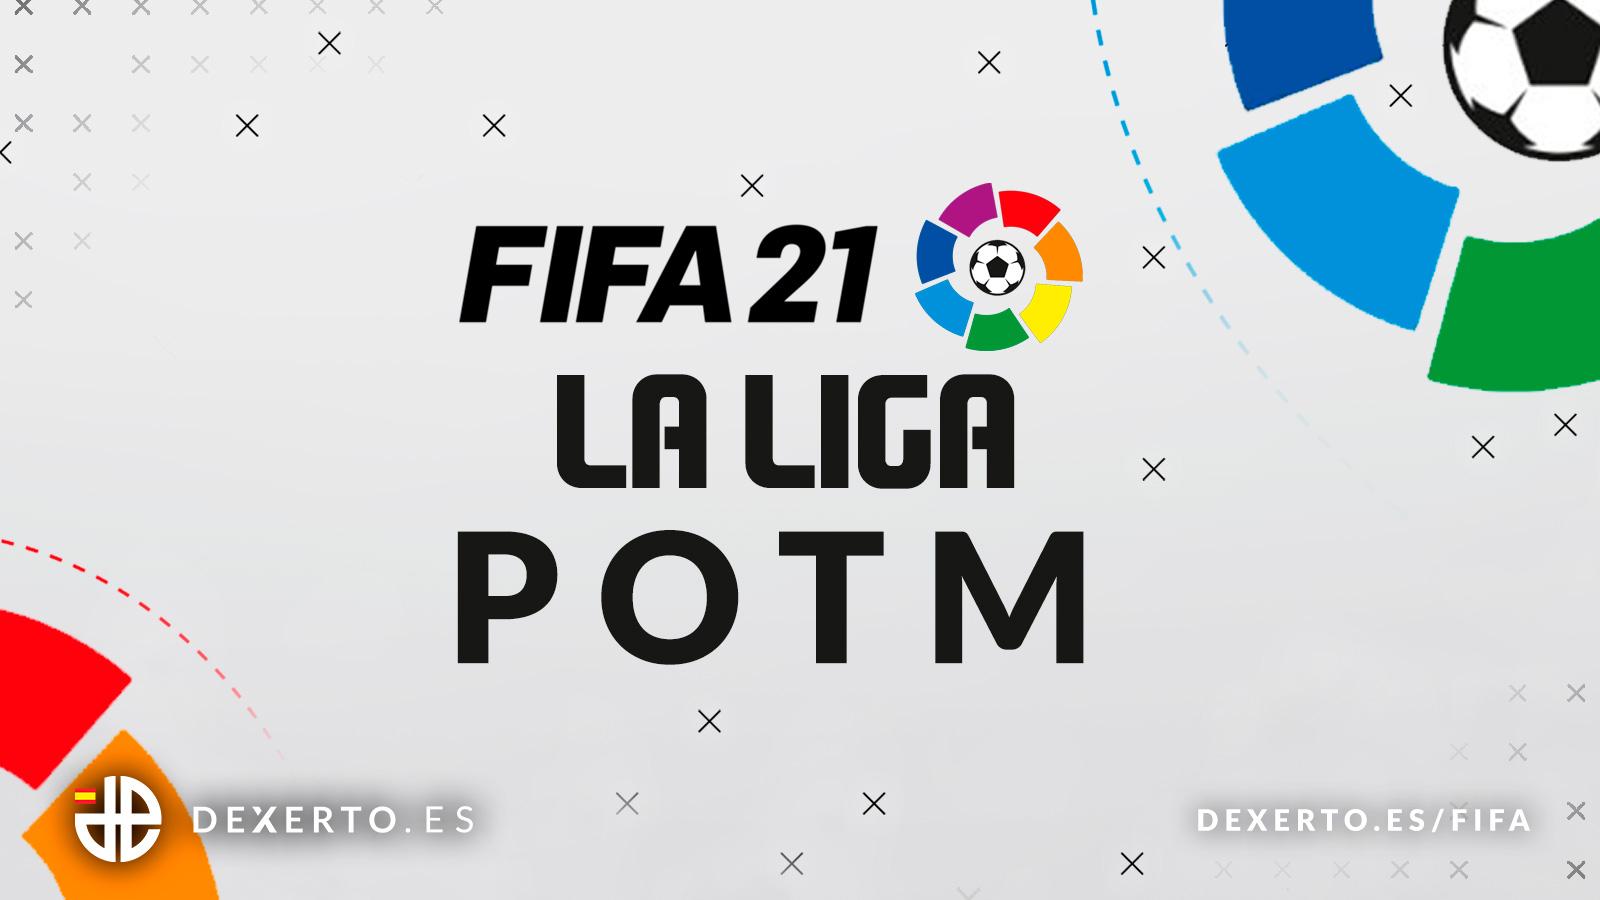 Logo de la liga y FIFA 21